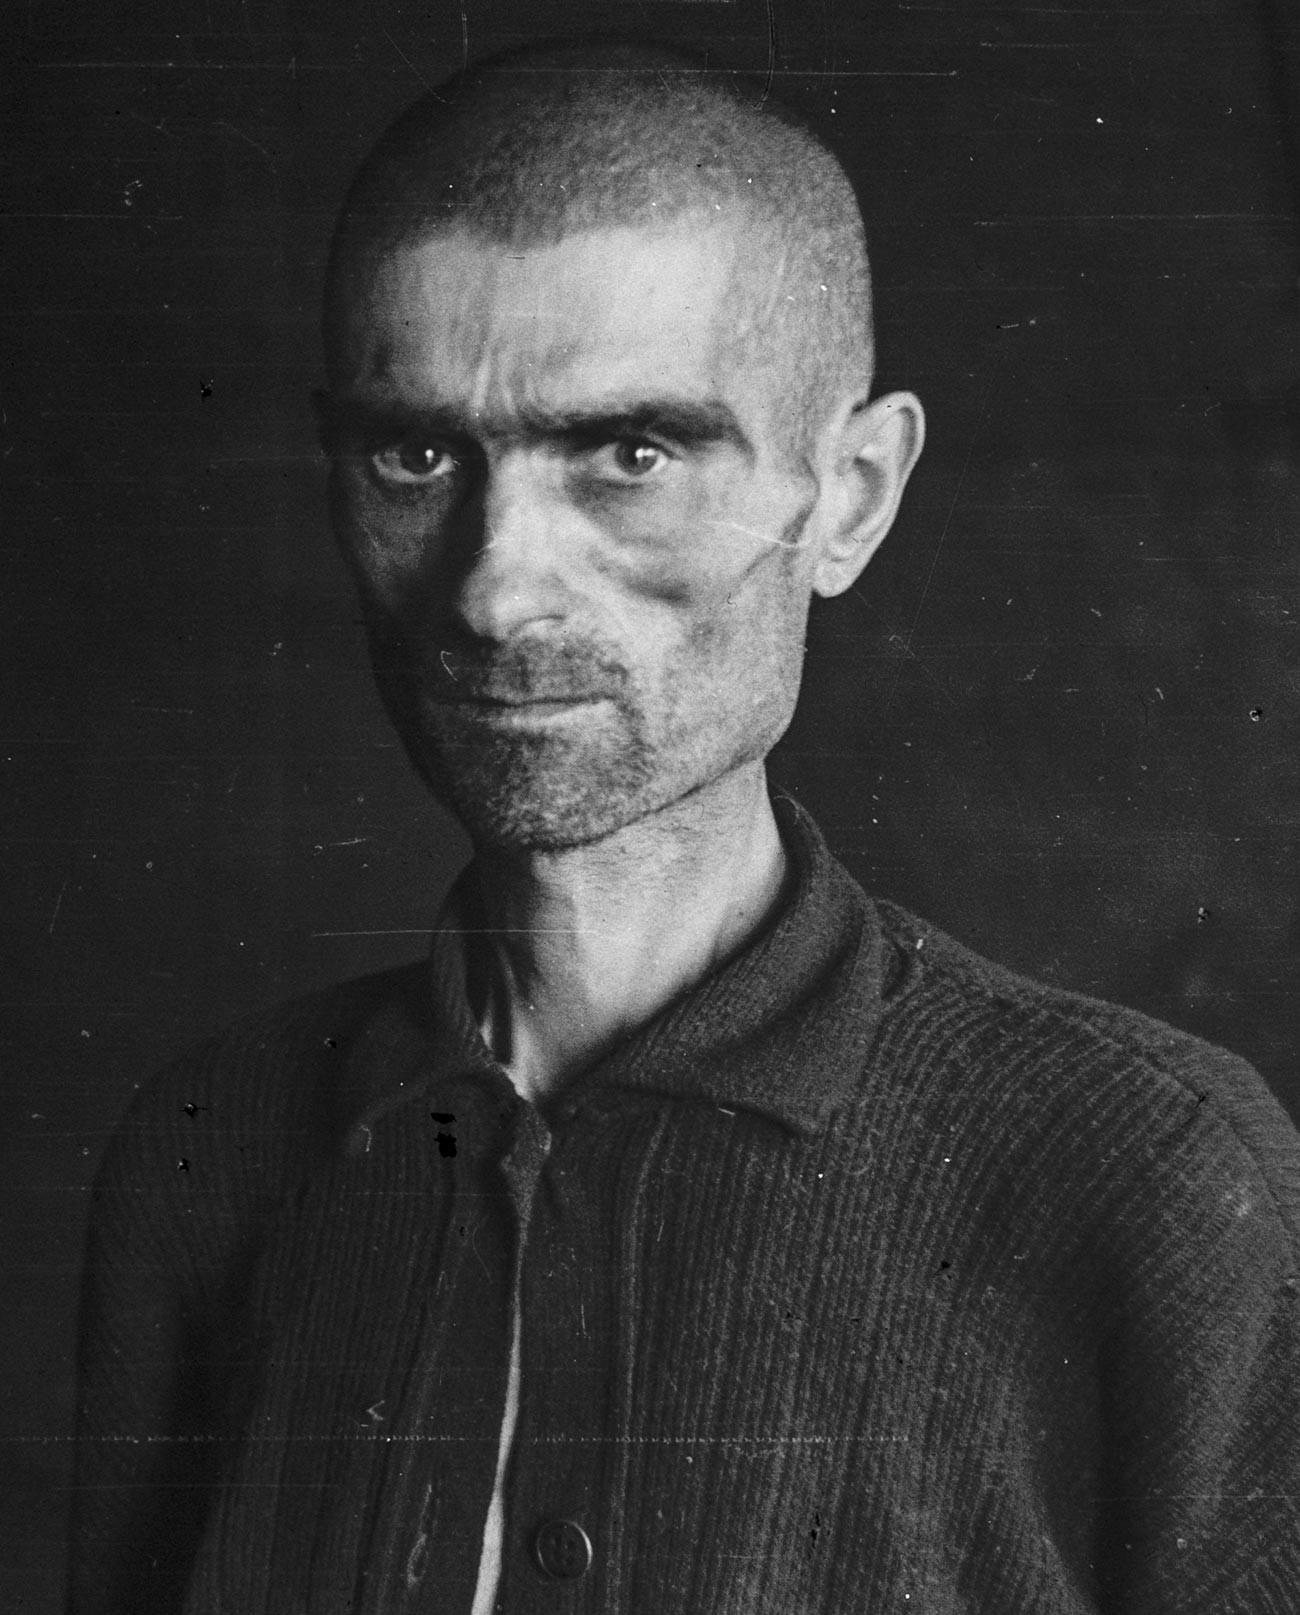 Ein sowjetischer Kriegsgefangener im Bjørnelva-Lager